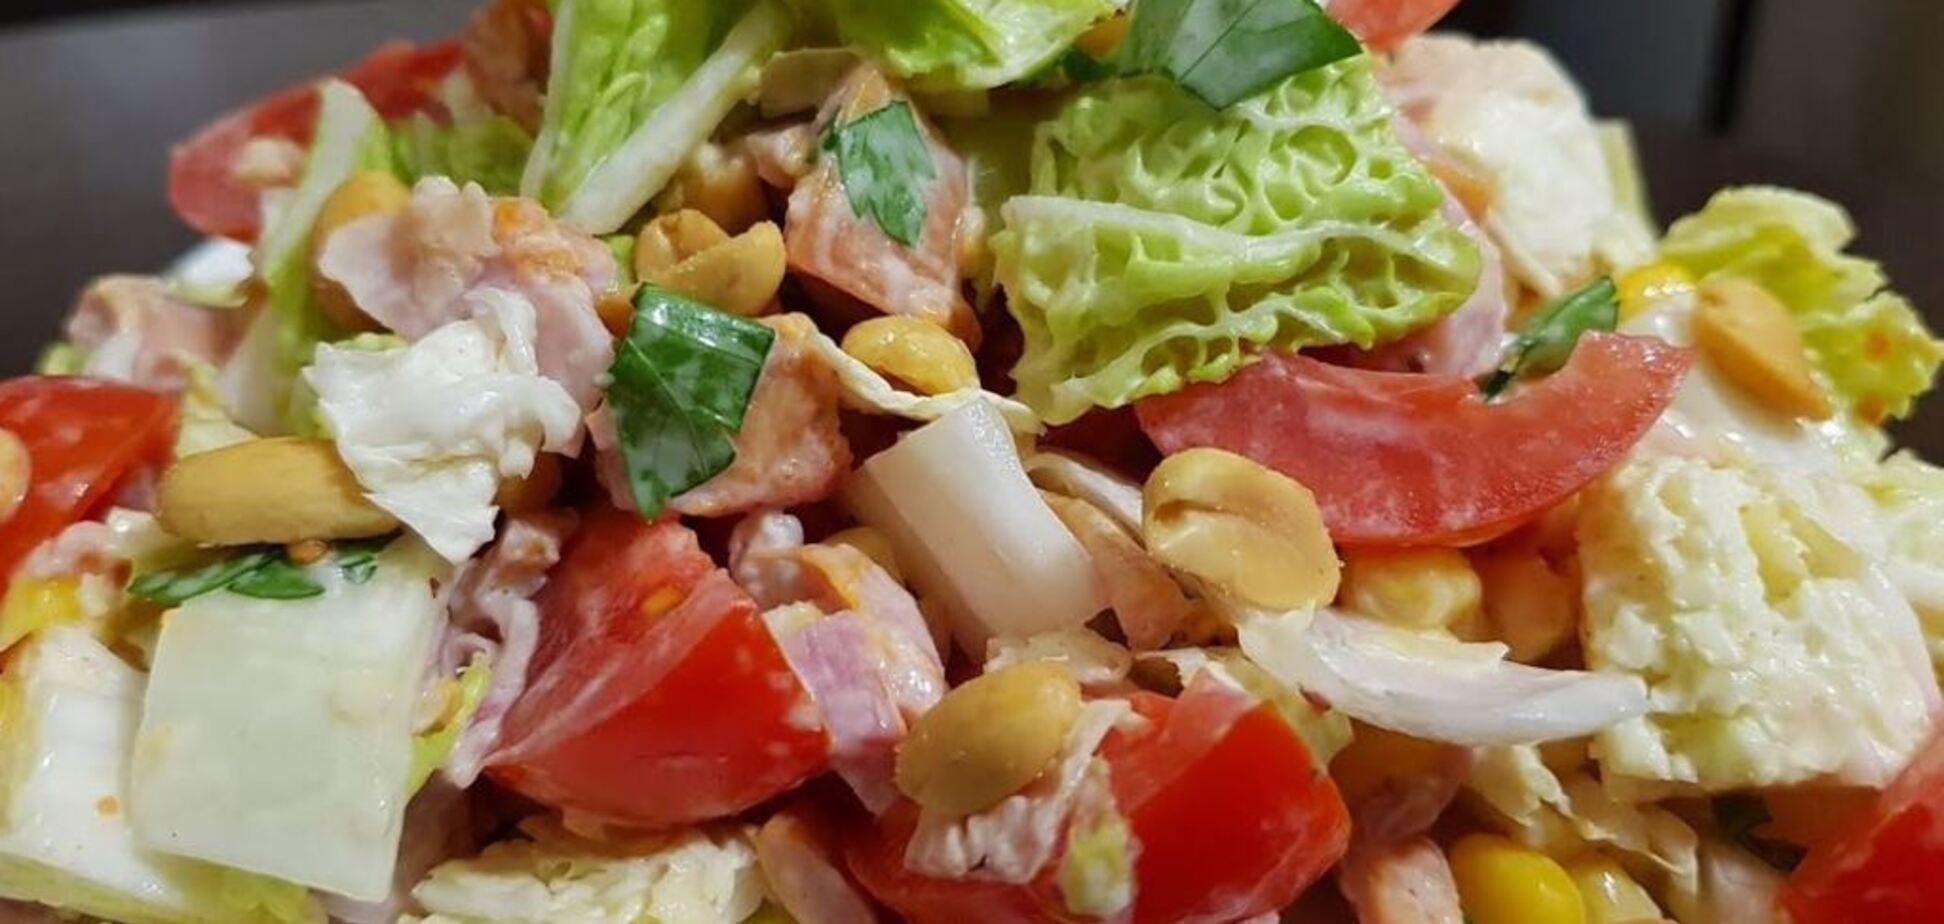 Рецепт праздничного мясного салата с орешками за 15 минут